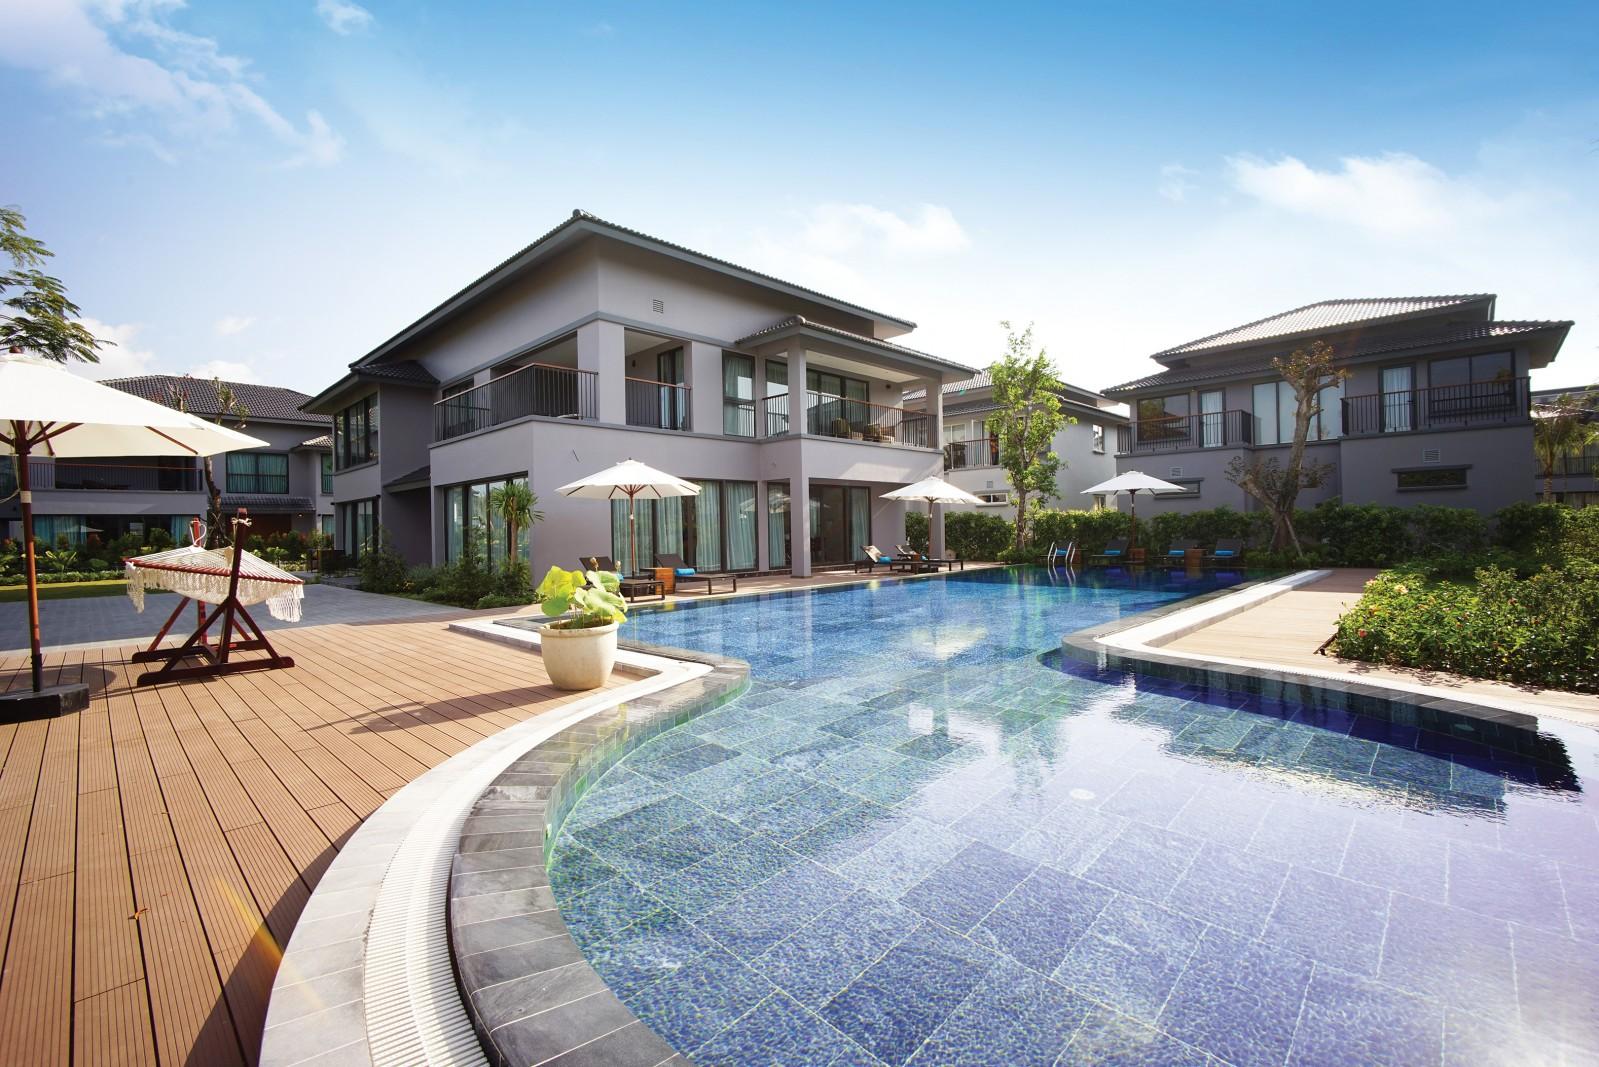 Các tiện ích đẳng cấp trong khu biệt thự nghỉ dưỡng Novotel Villas bao gồm 02 bể bơi lớn ngoài trời, pool bar, nhà hàng, spa, massage, phòng tập gym, phòng tập yoga, quán cafe…